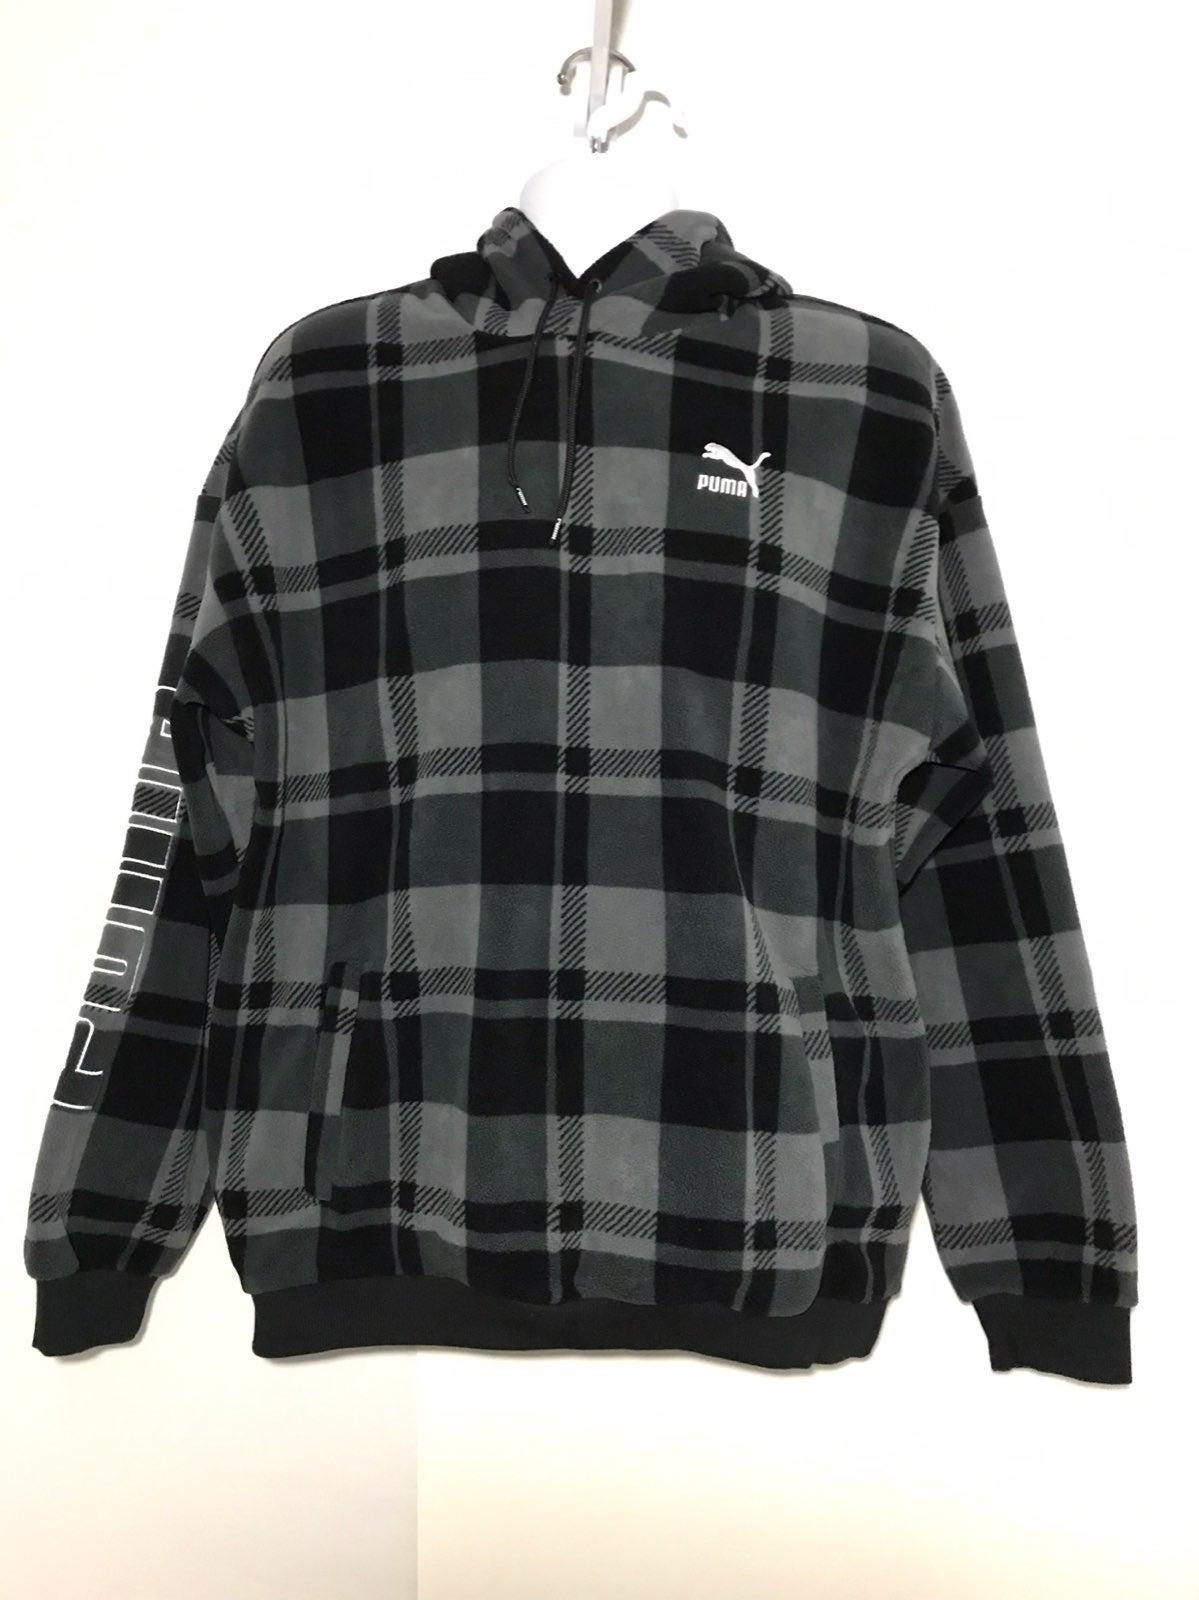 PUMA Check Polar Hoody Hoodie Sweatshirt